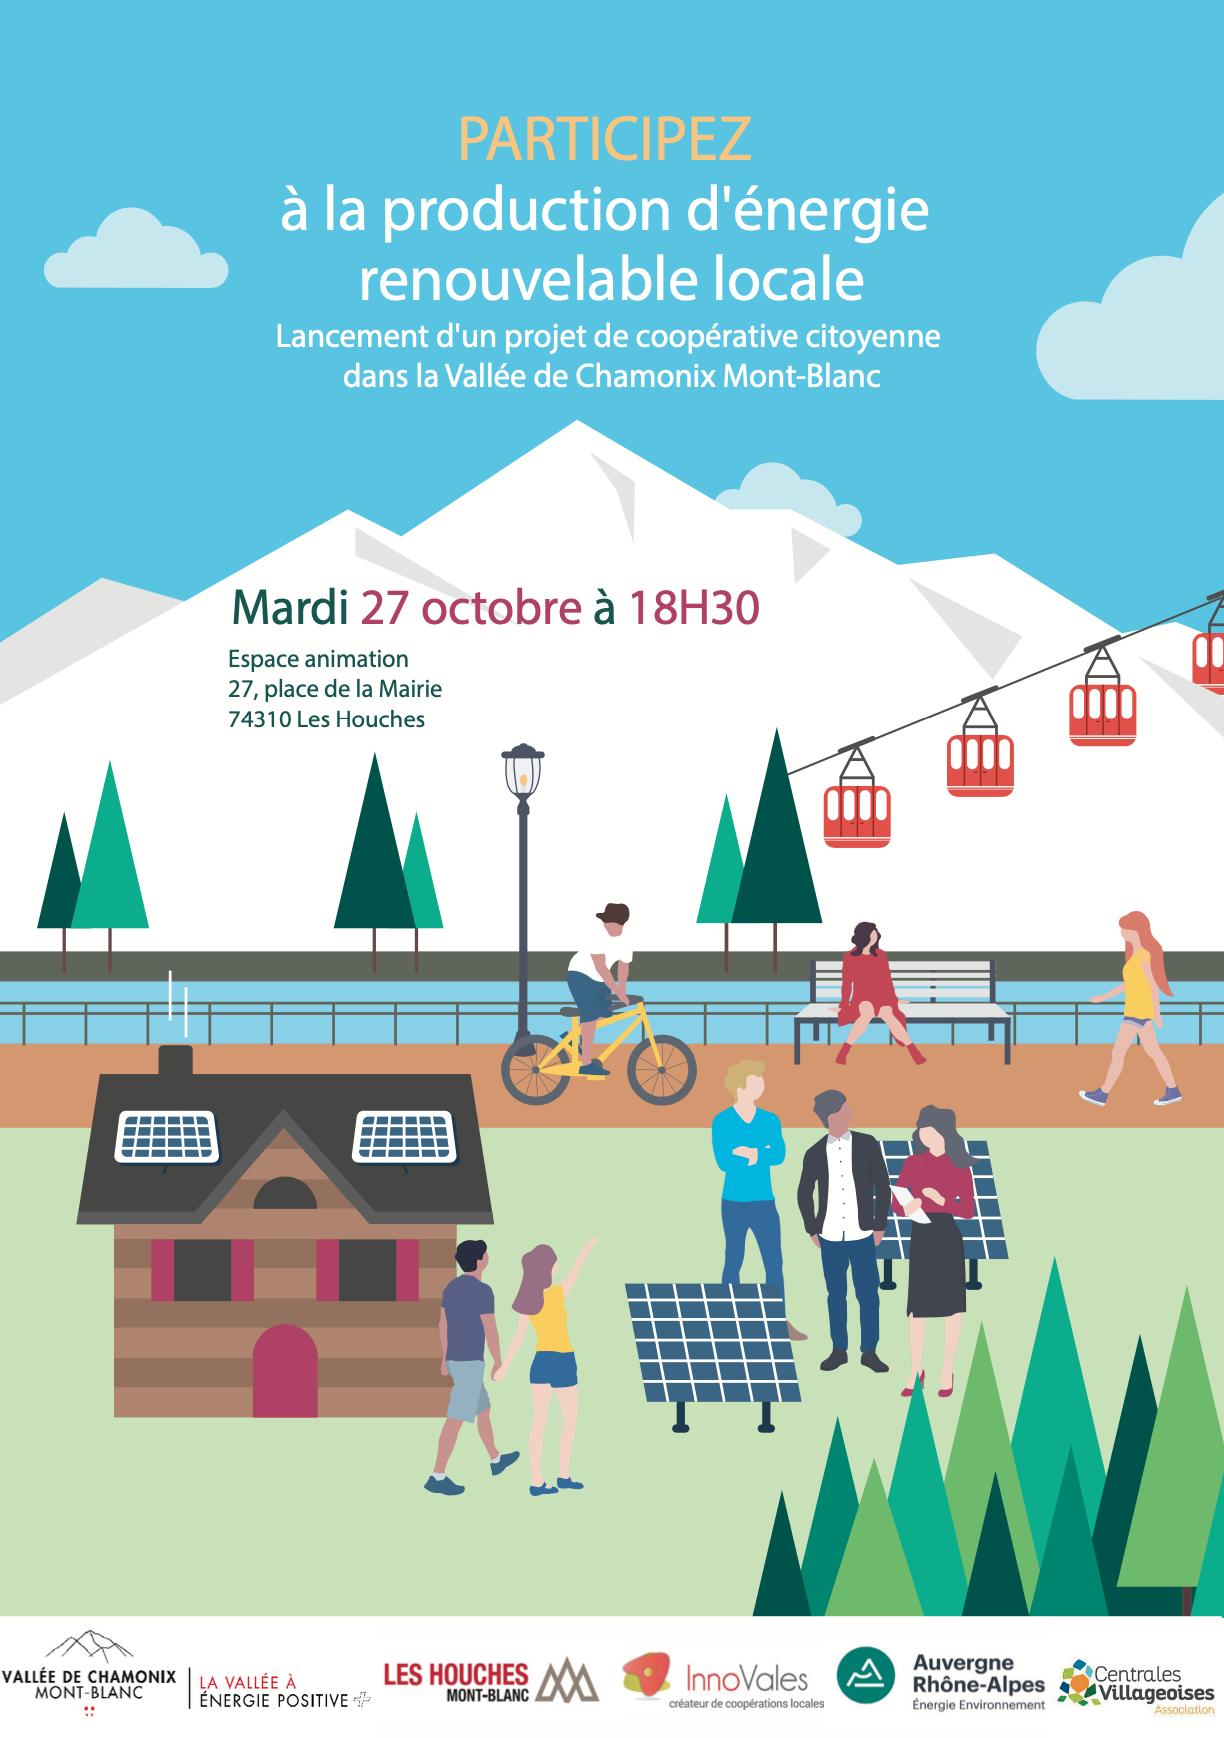 Capture decran 2020 10 12 a 16.01.43 - Réunion d'information: Lancement d'une coopérative citoyenne dans la Vallée de Chamonix